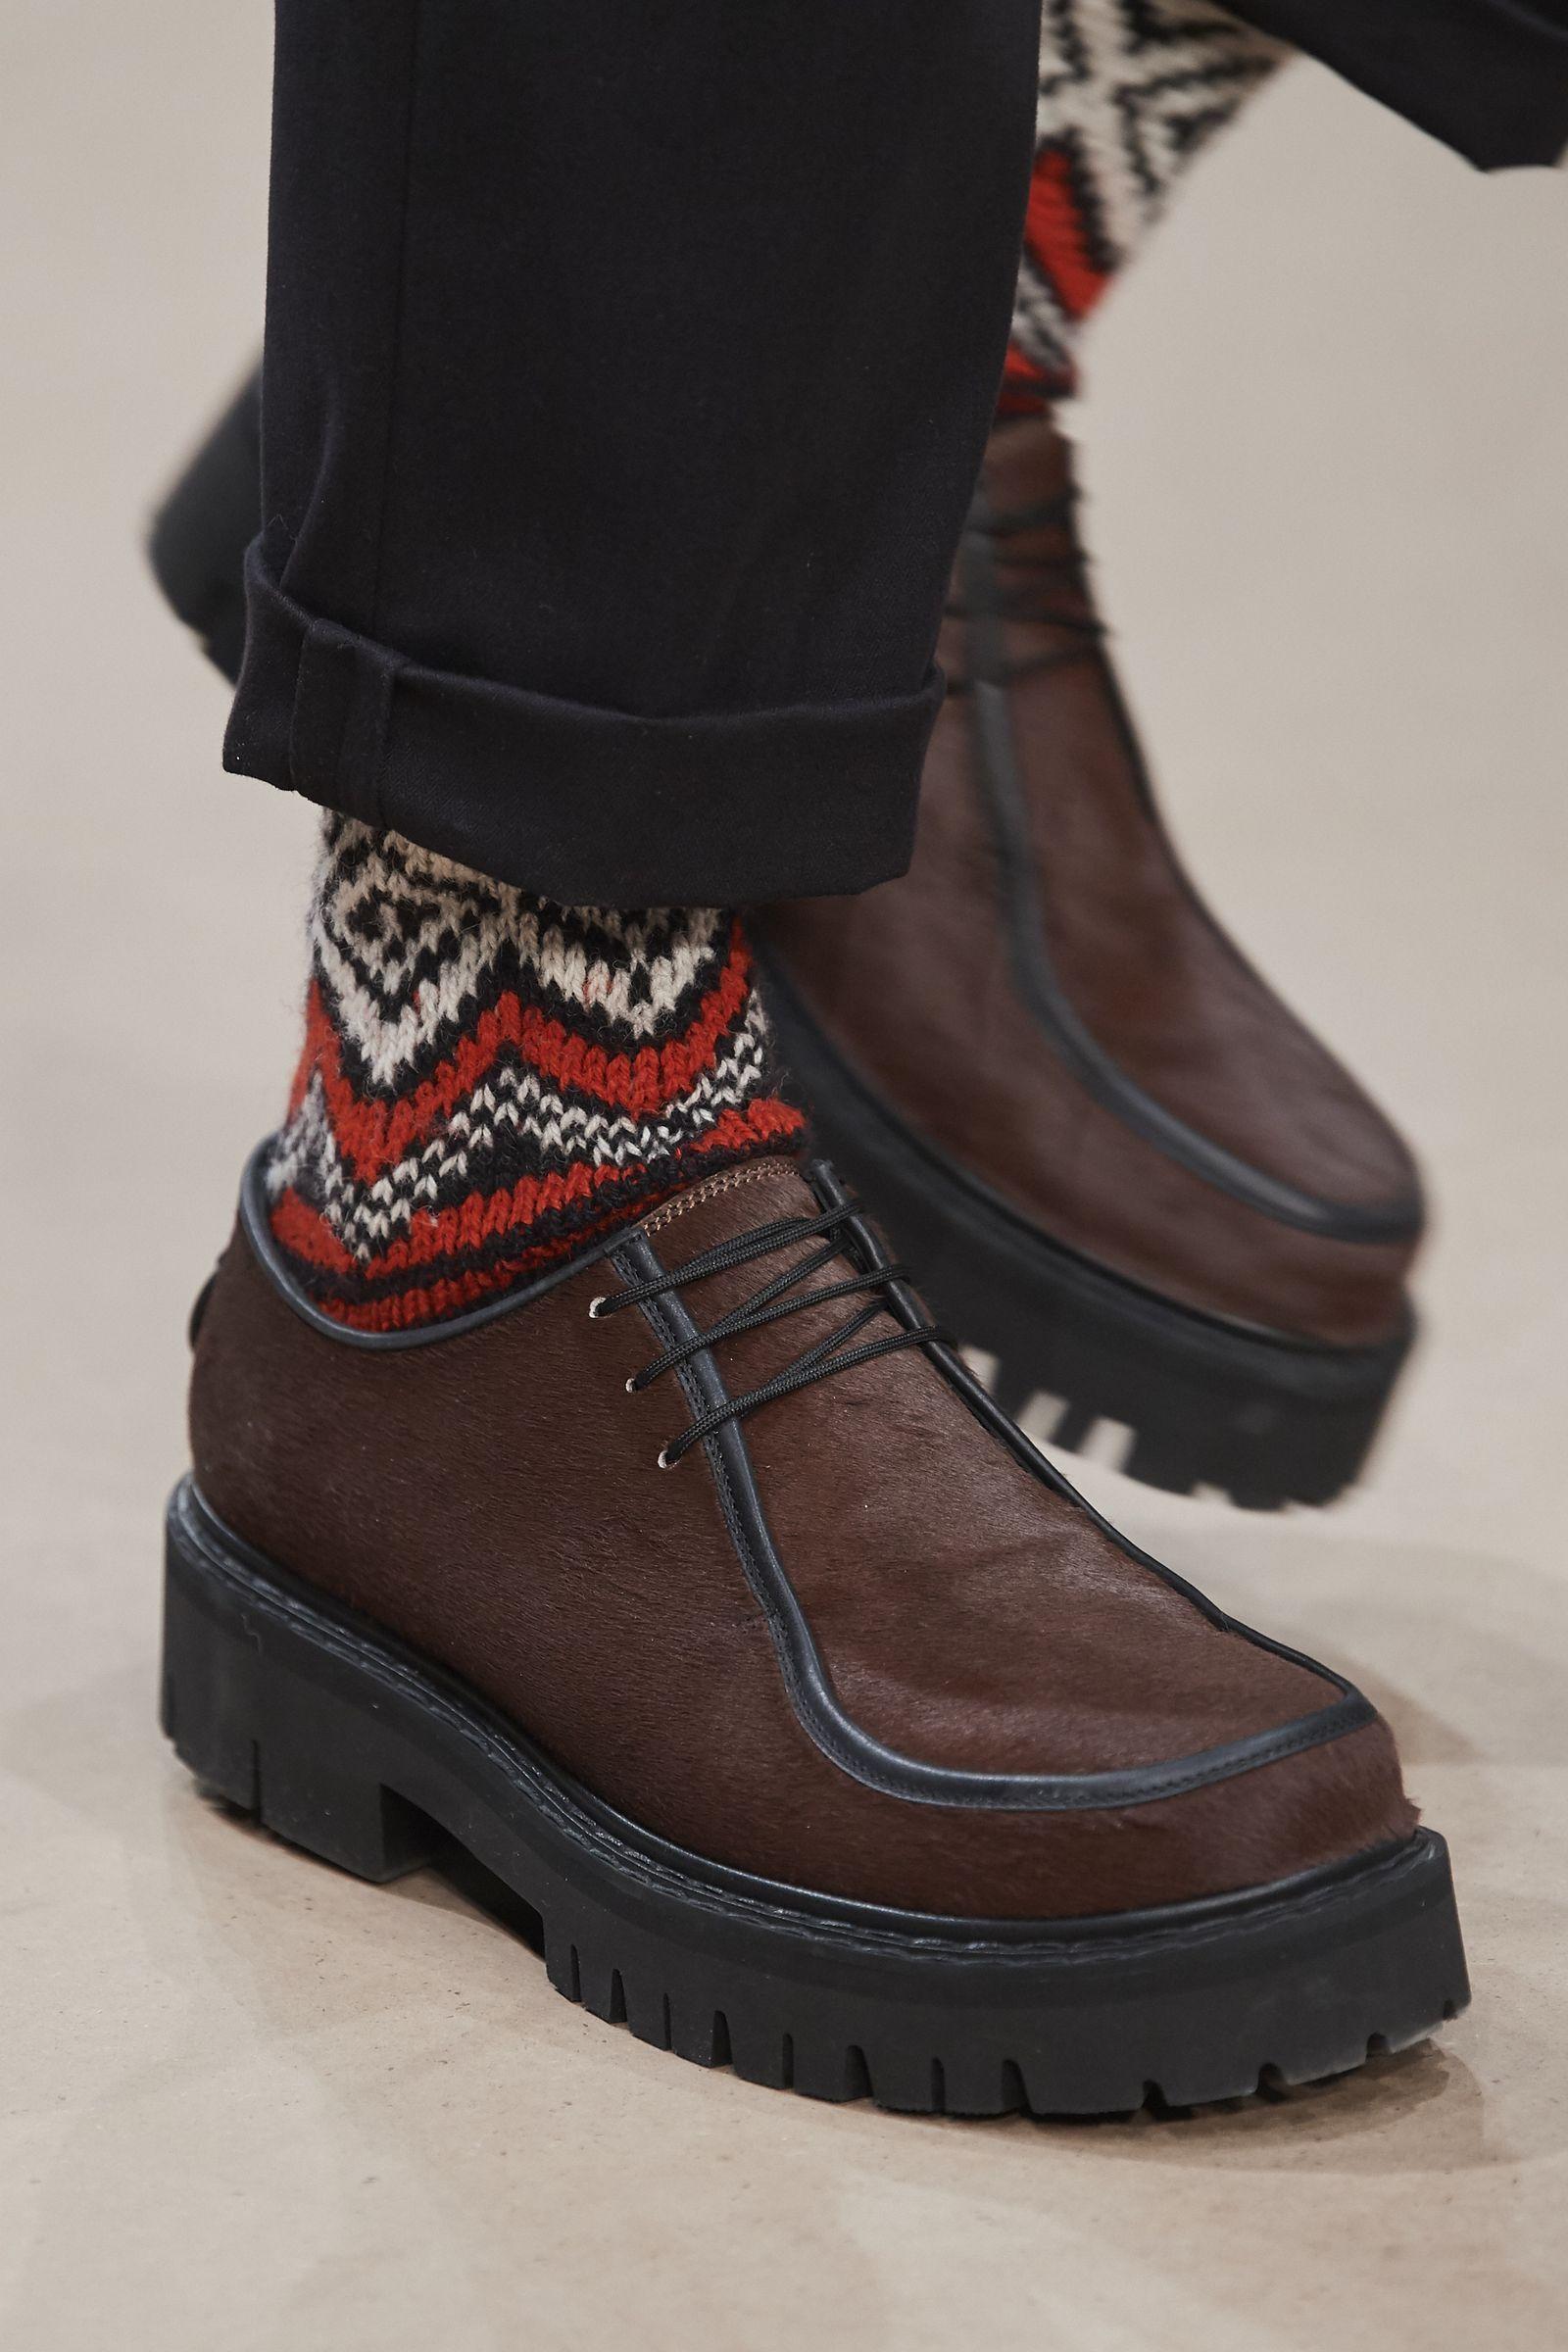 17+ Moda scarpe autunno inverno 2021 ideas in 2021